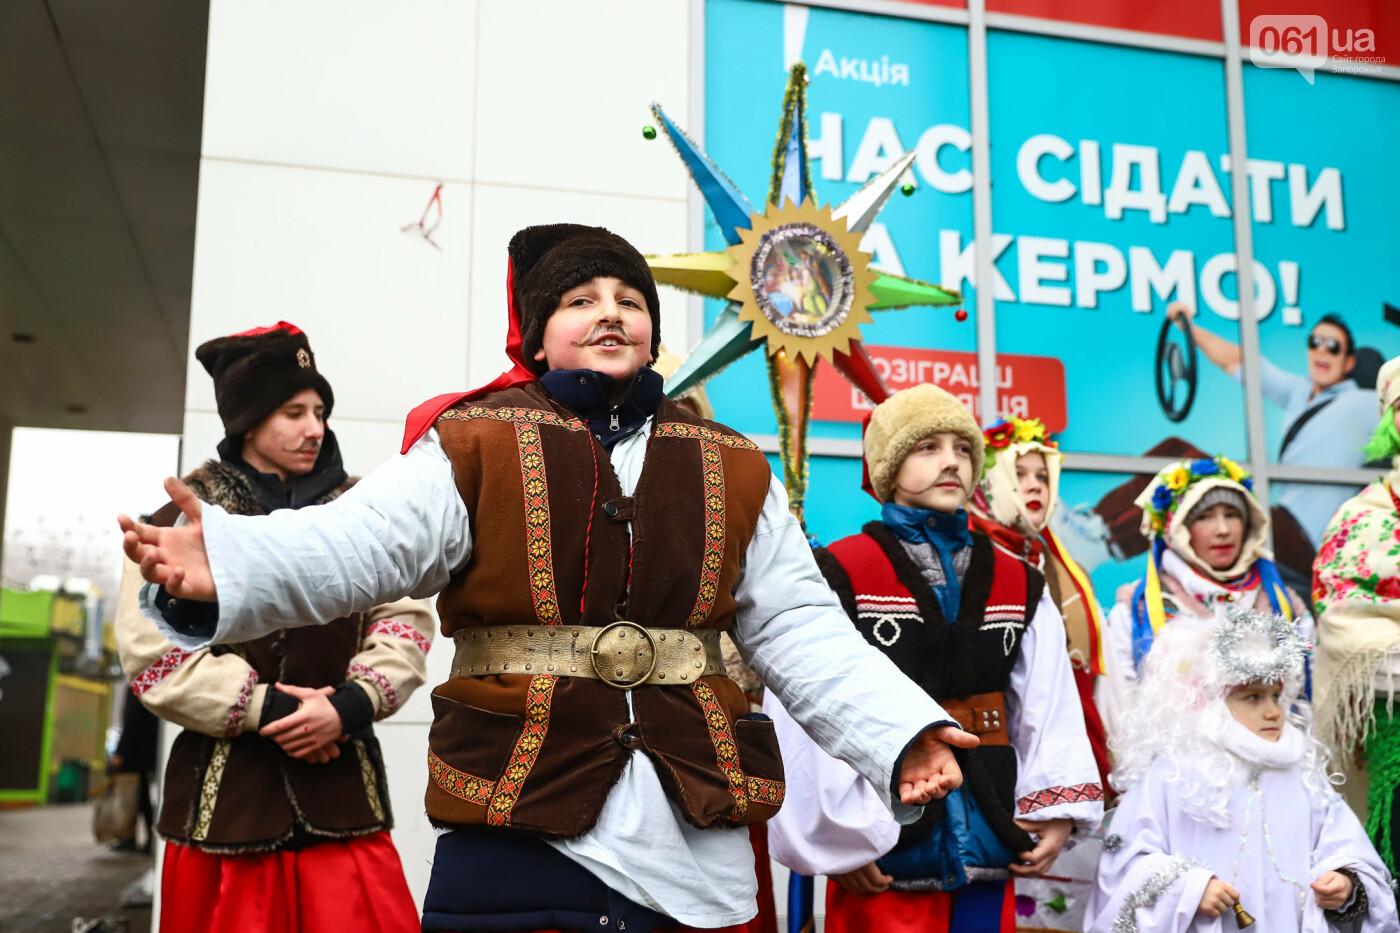 Нечистая сила против казаков: на улицах Запорожья показывали Рождественский вертеп, - ФОТО, ВИДЕО  , фото-25